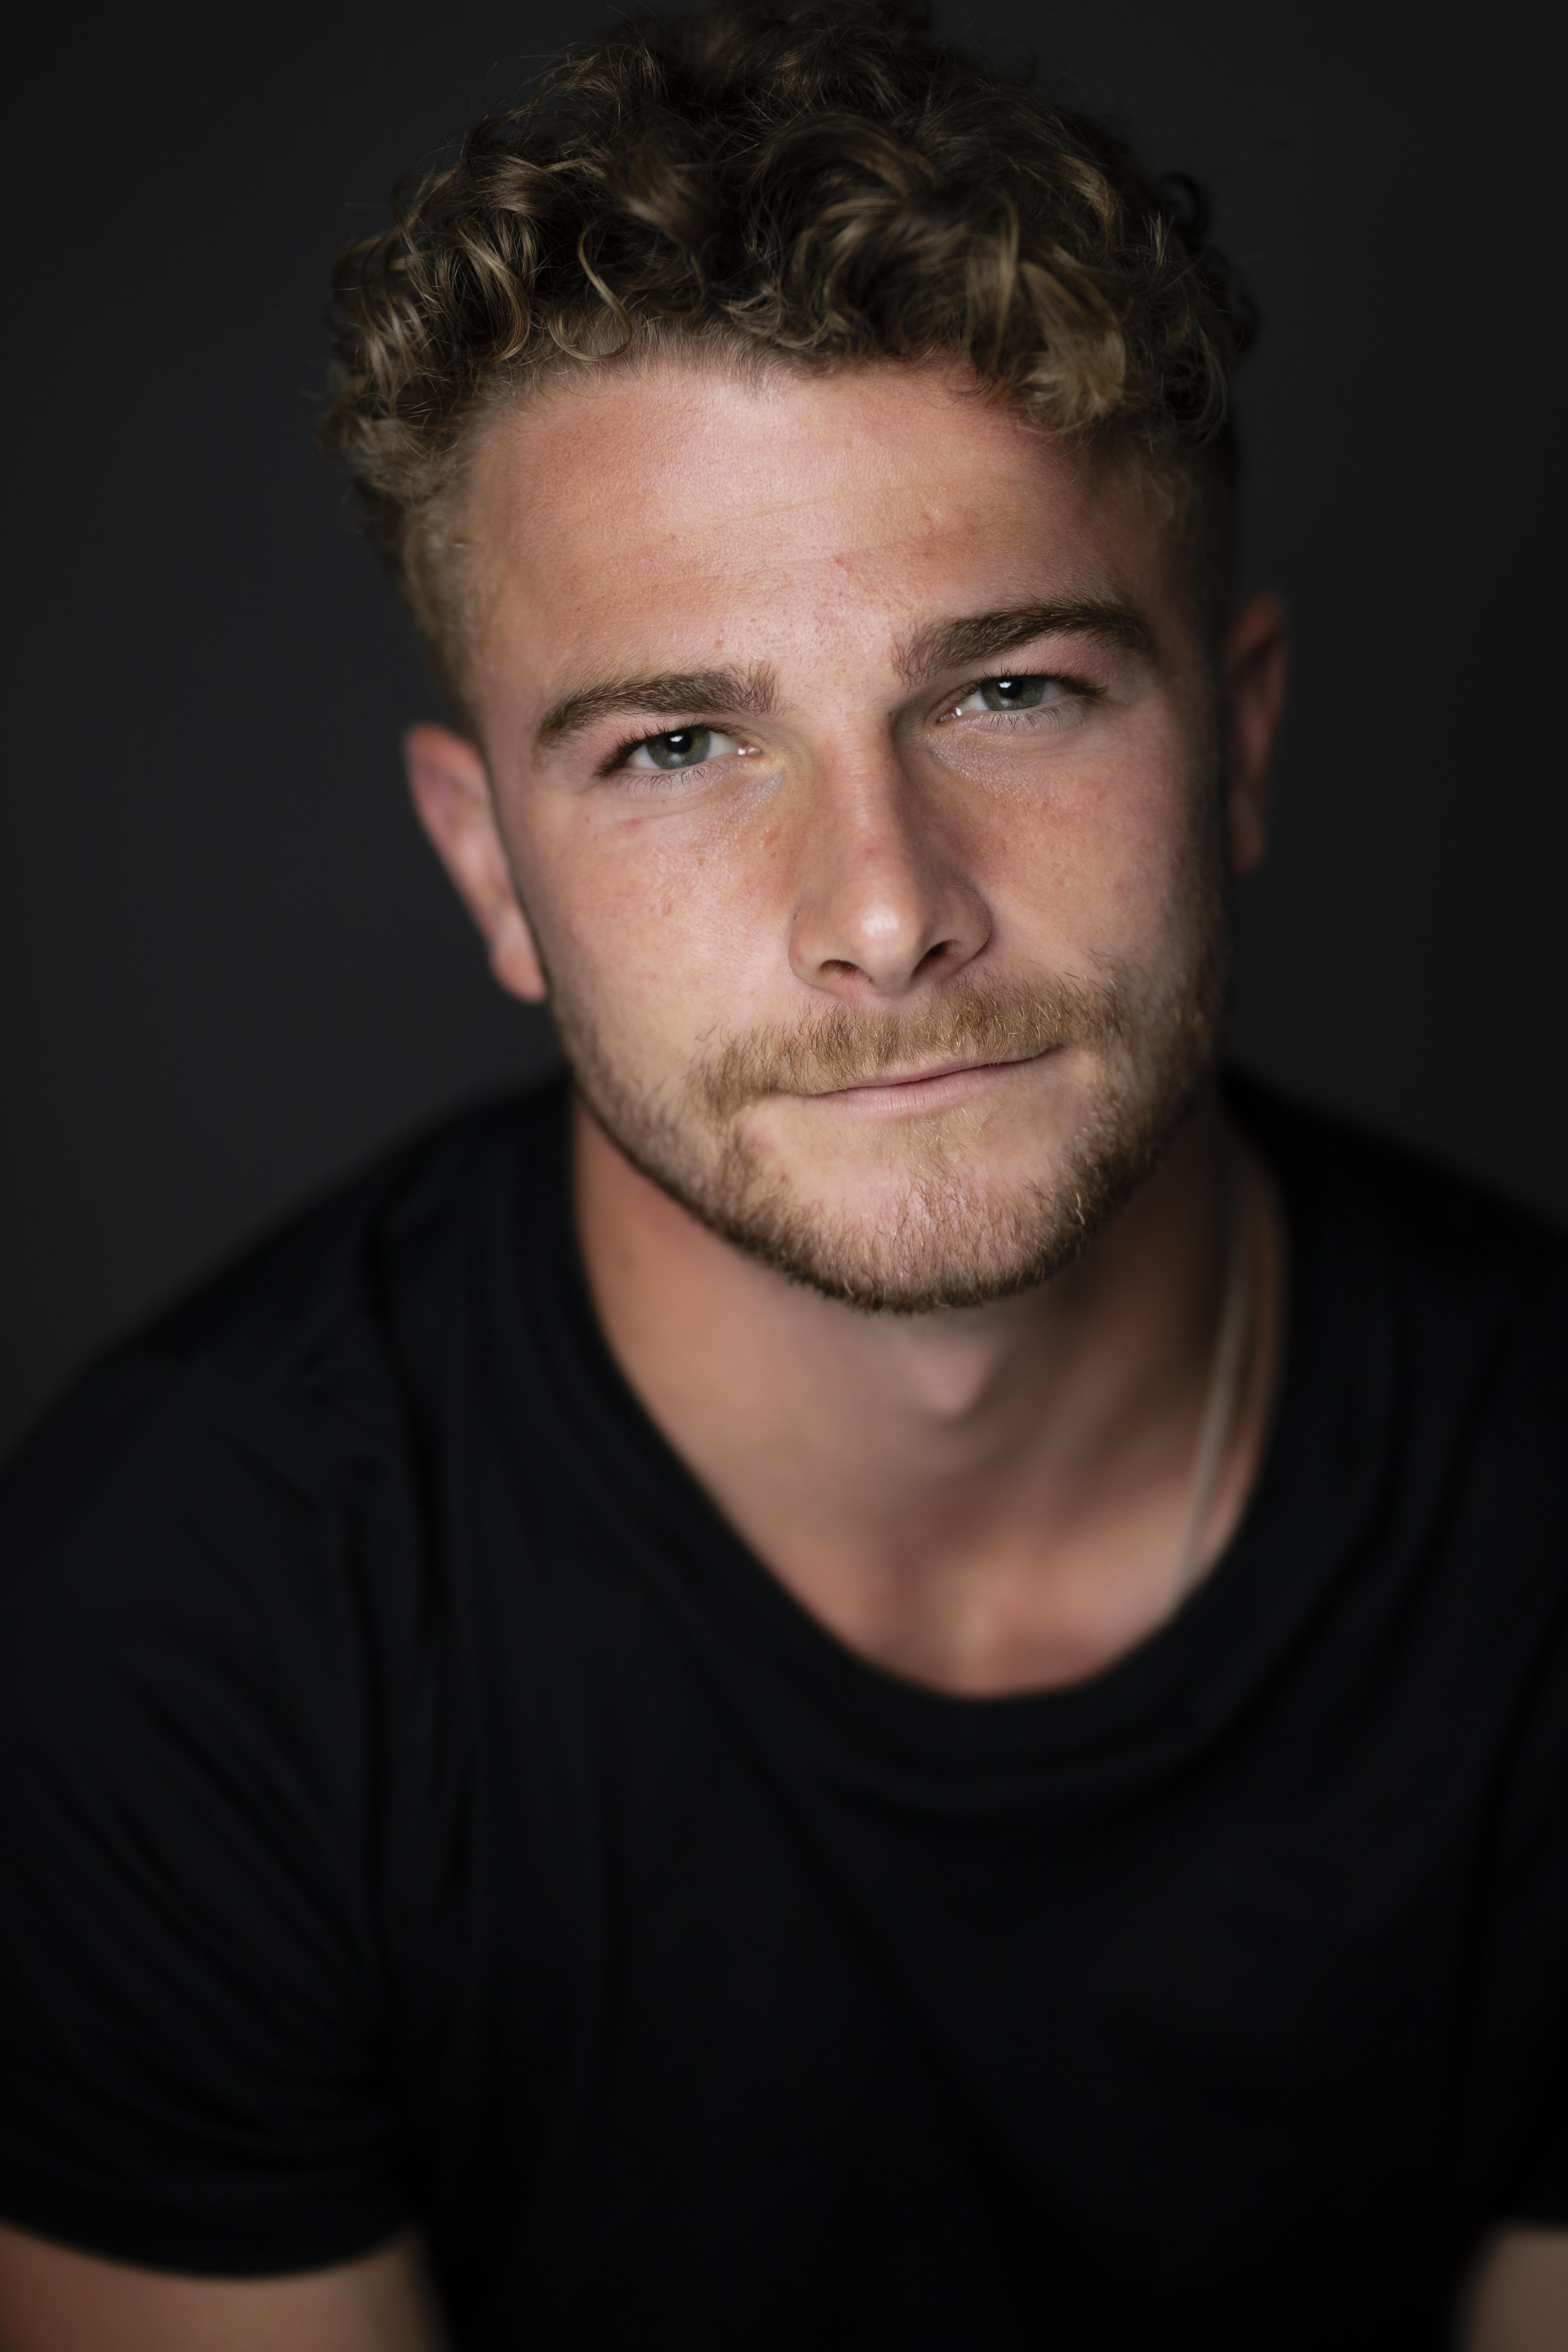 Monte (Actor)